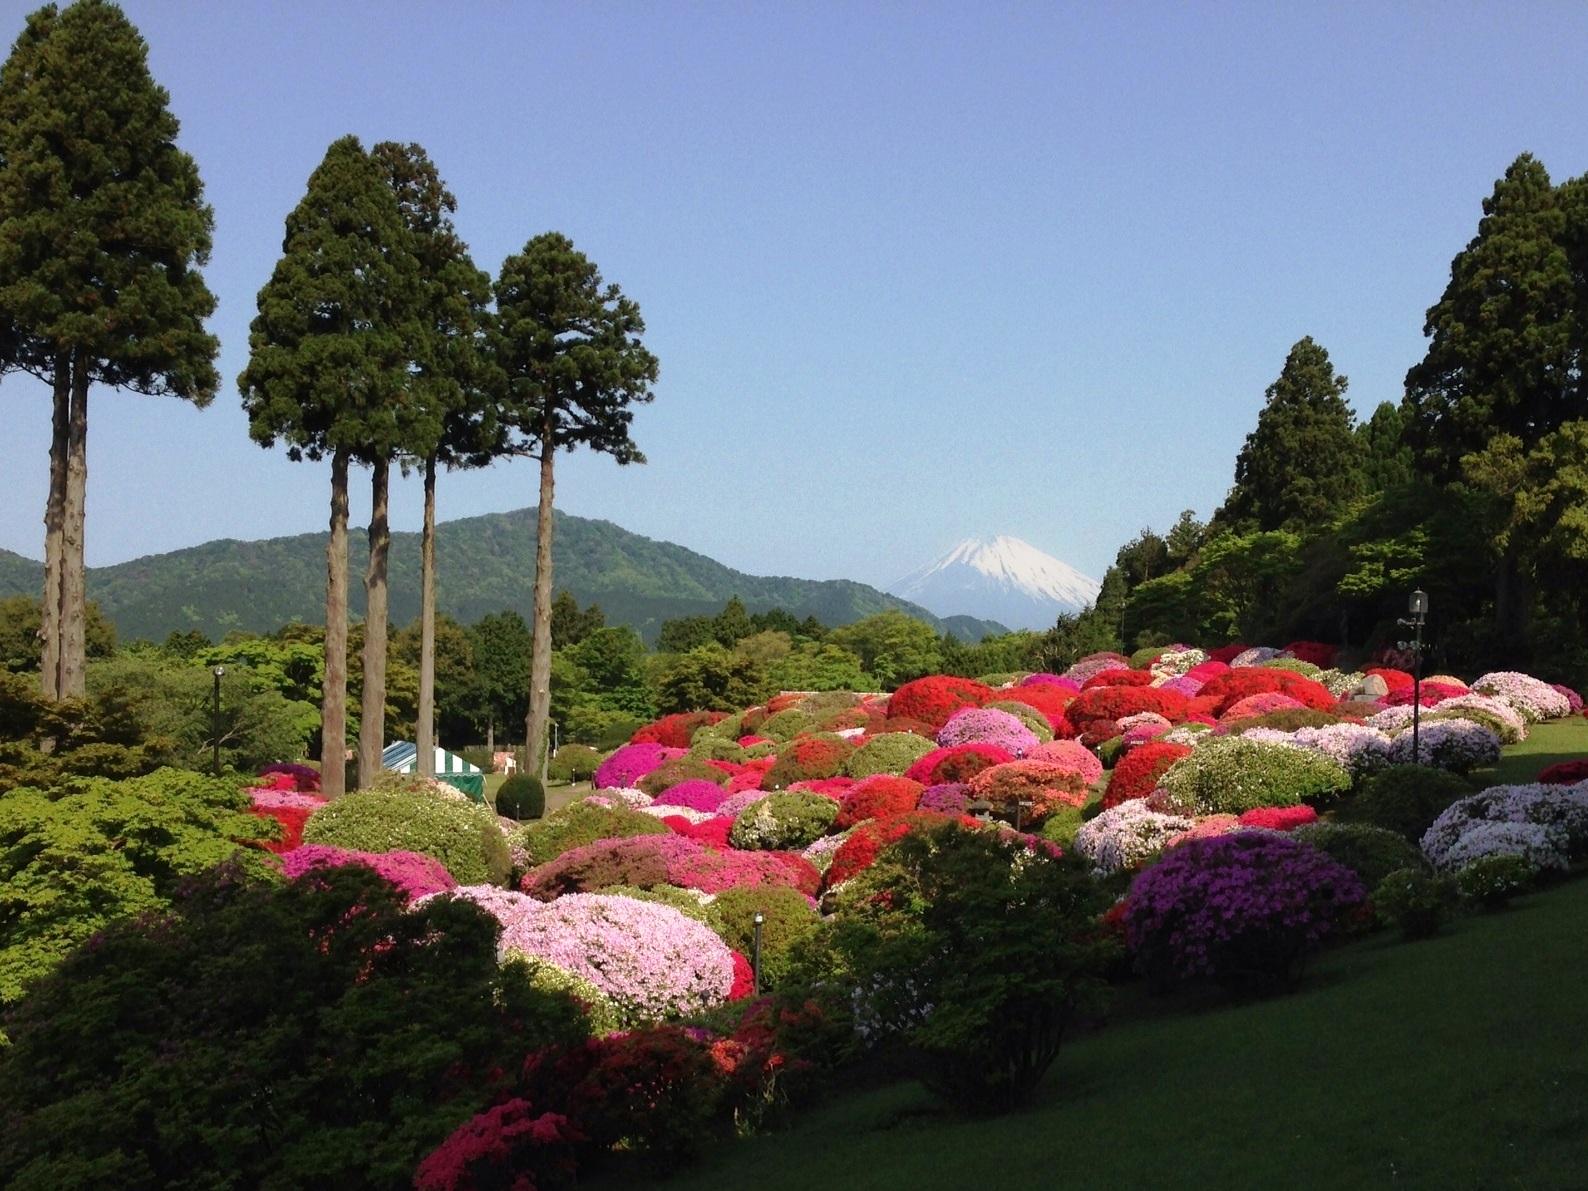 2013年5月14日(火)時の山のホテル つつじ庭園